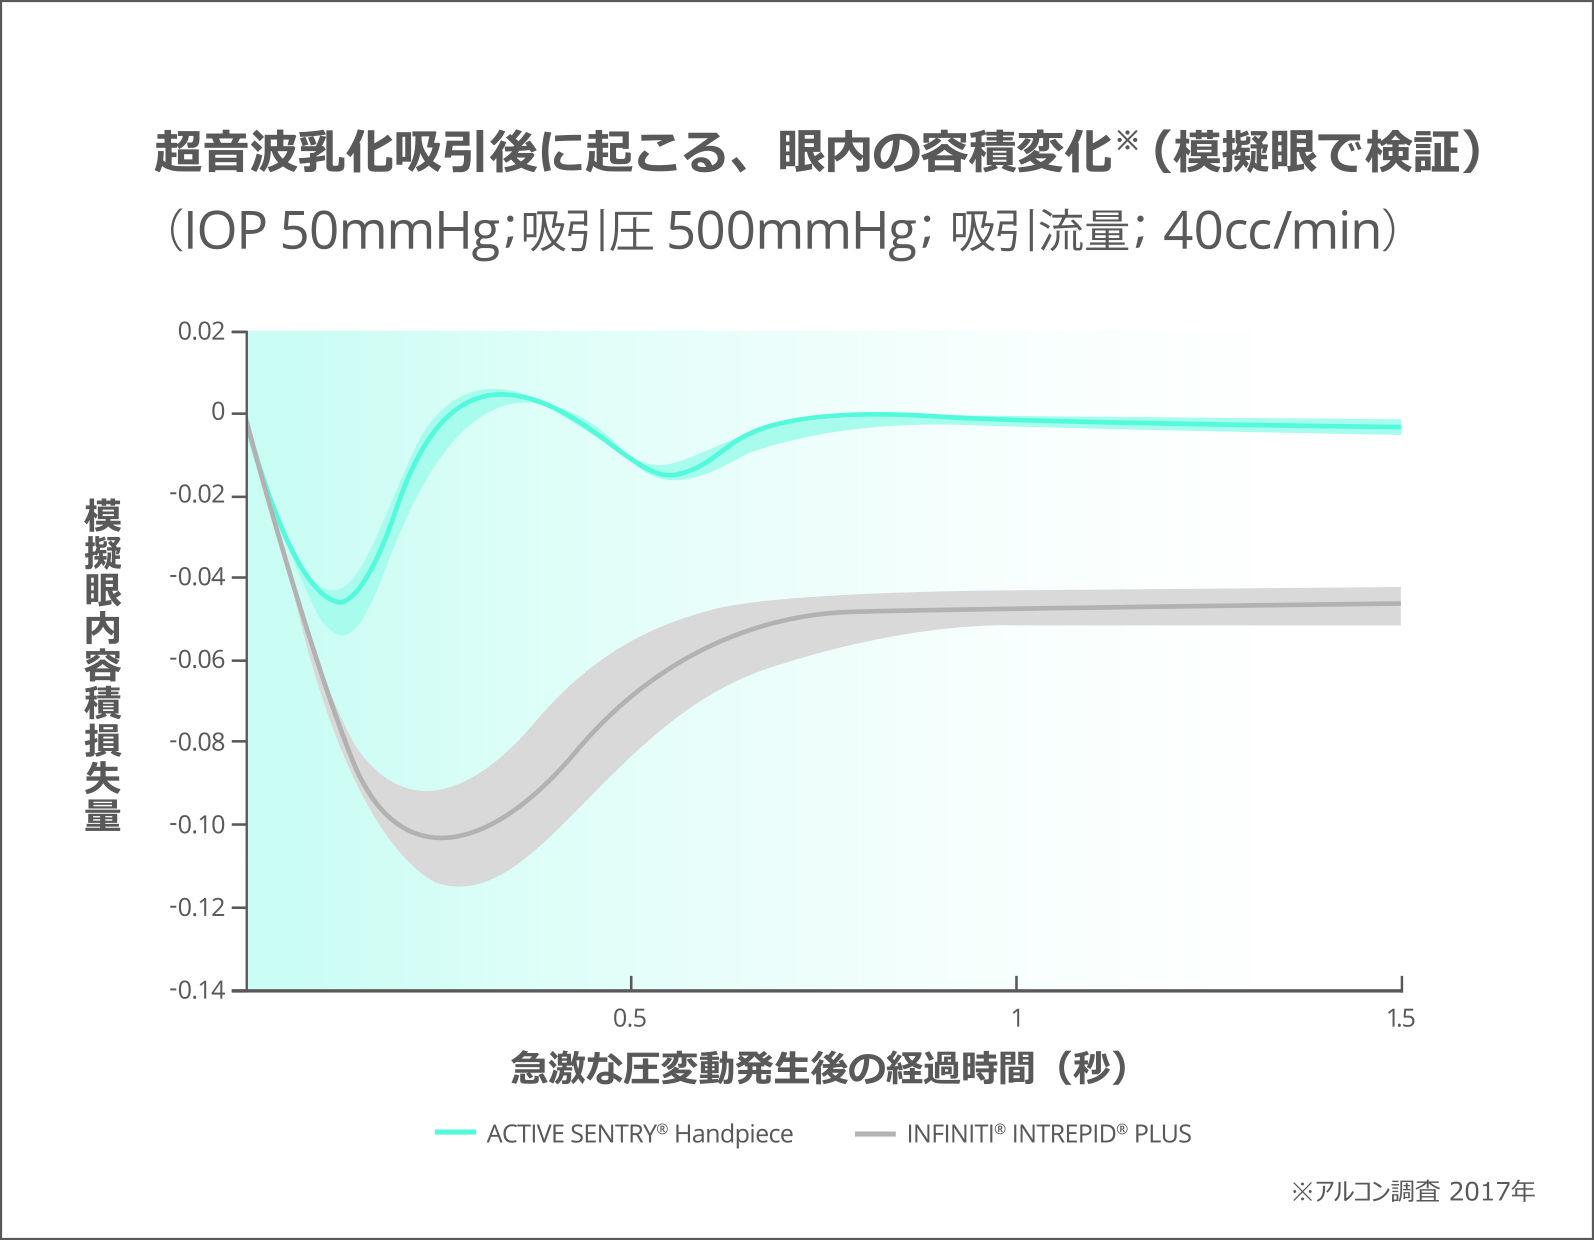 超音波乳化吸引後における眼内の容積変化のグラフ